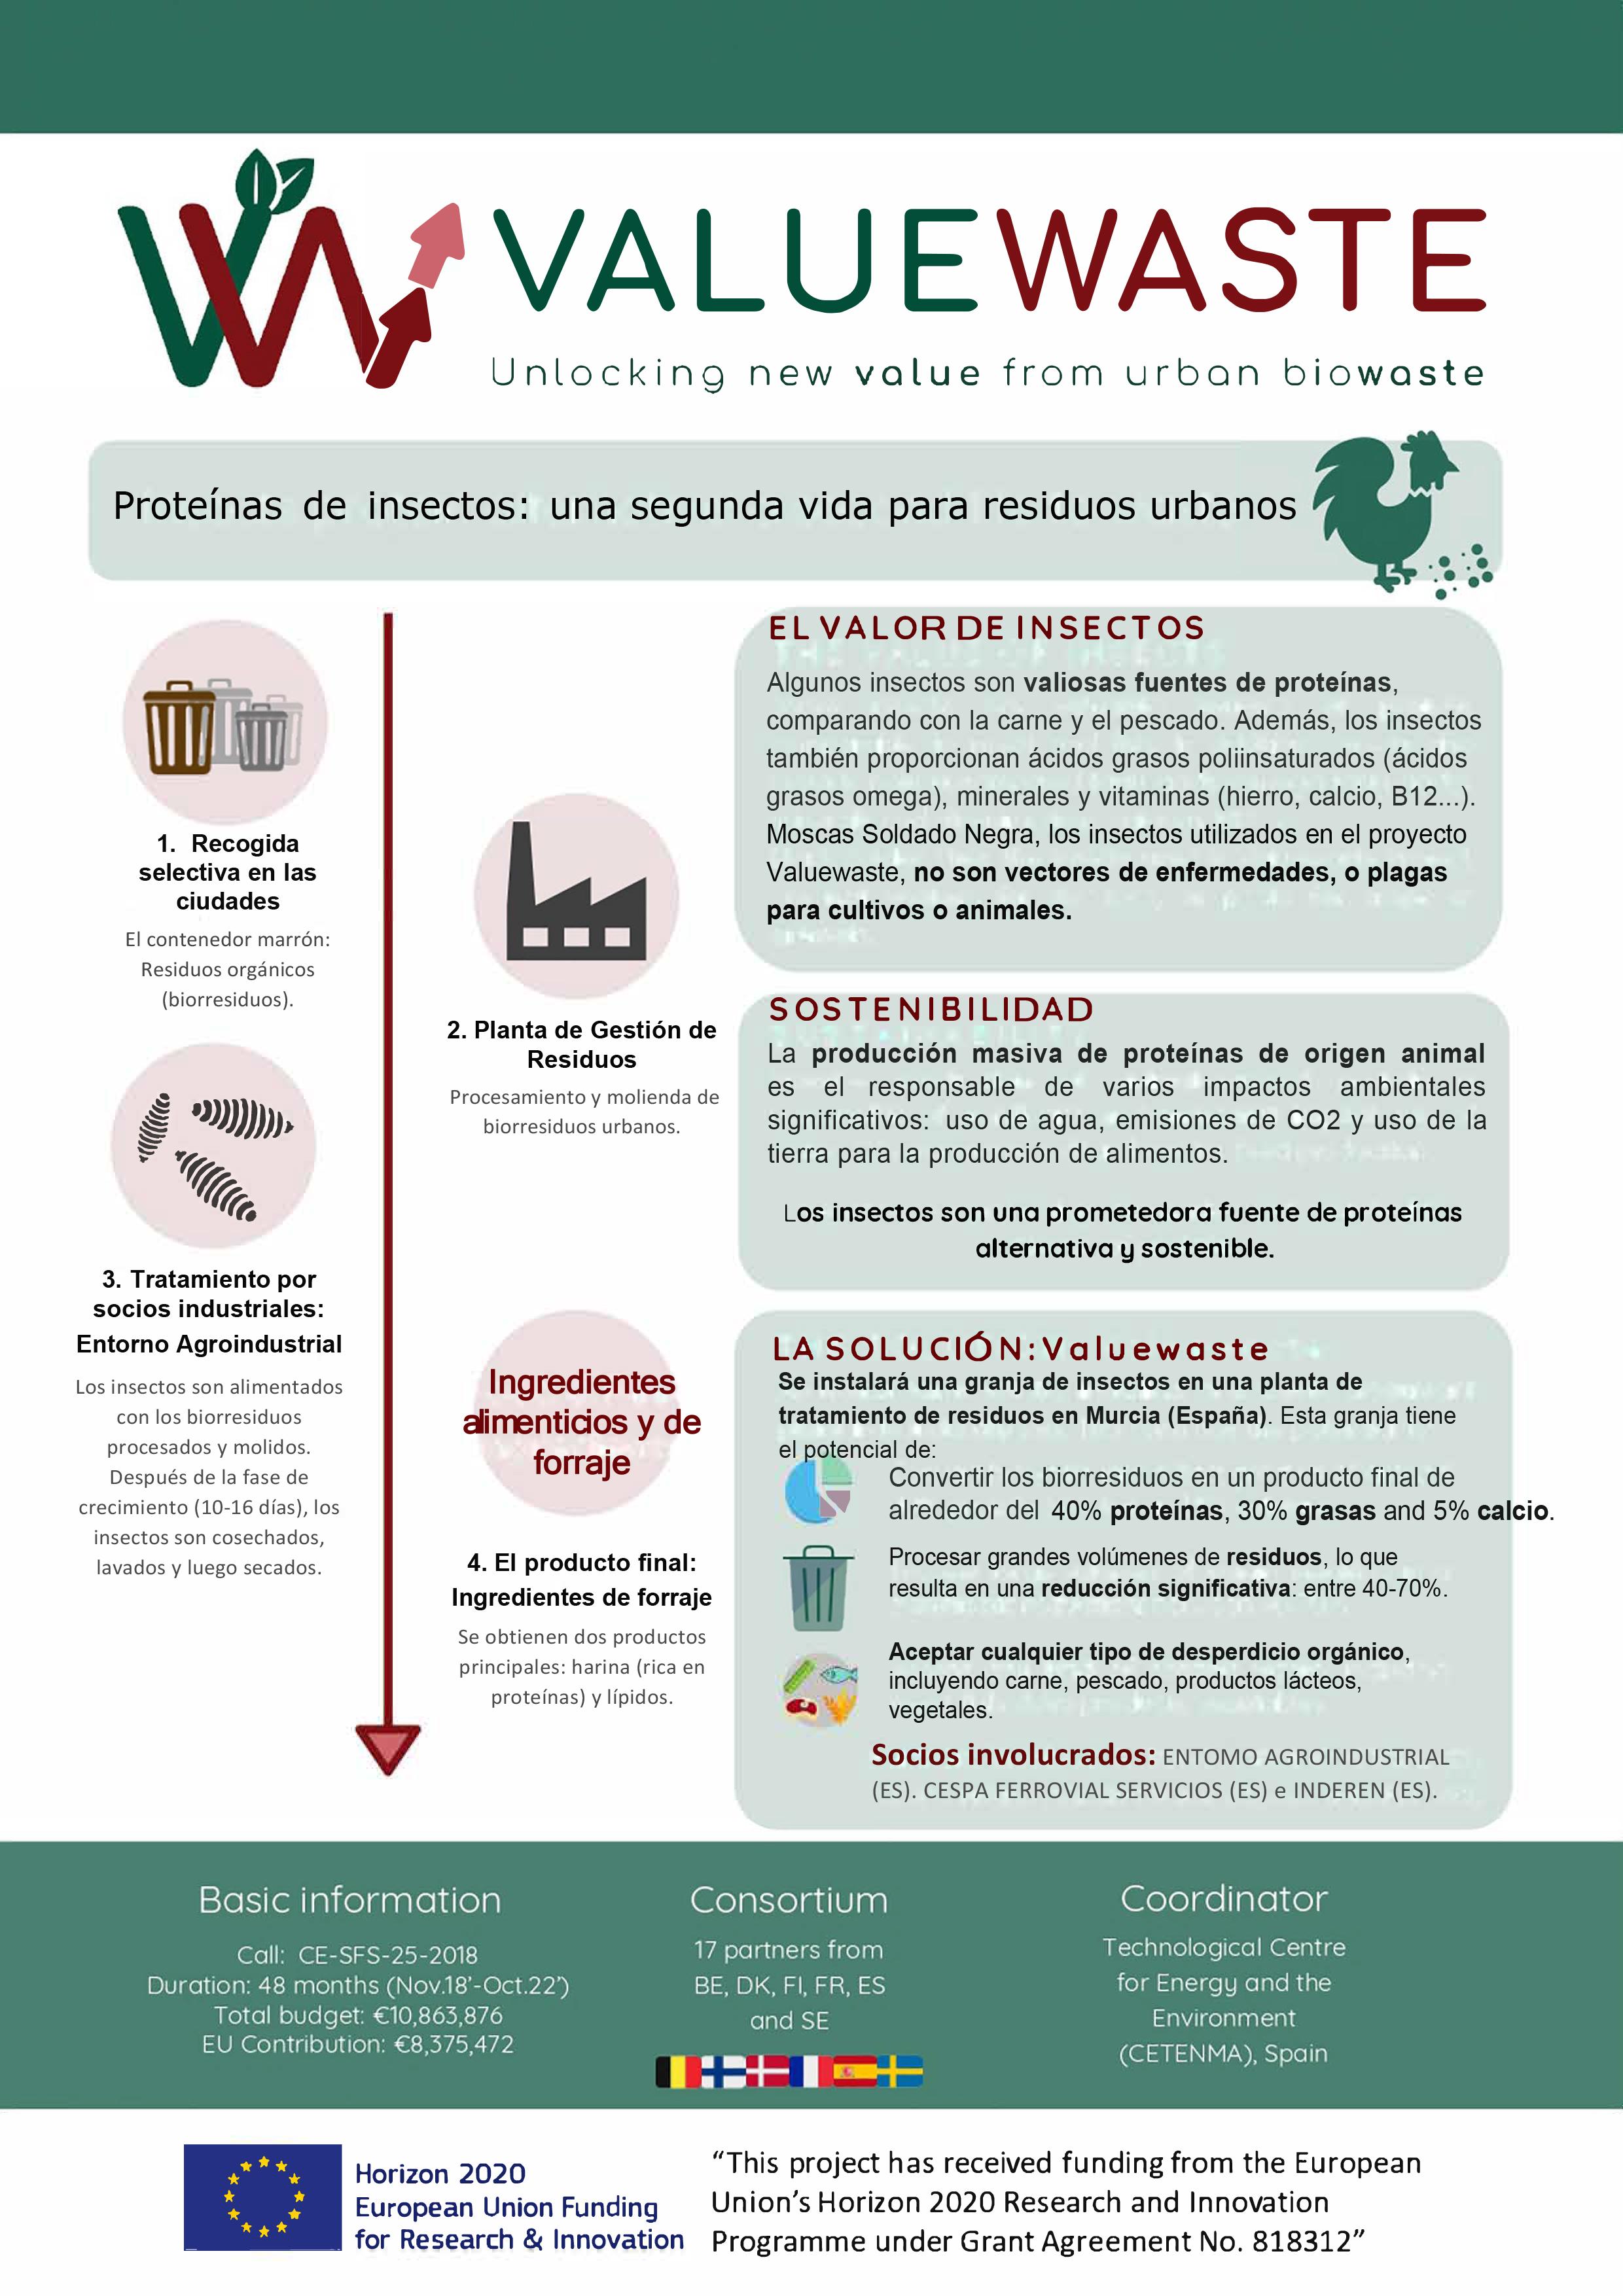 ValueWaste proyecto proteínas insectos